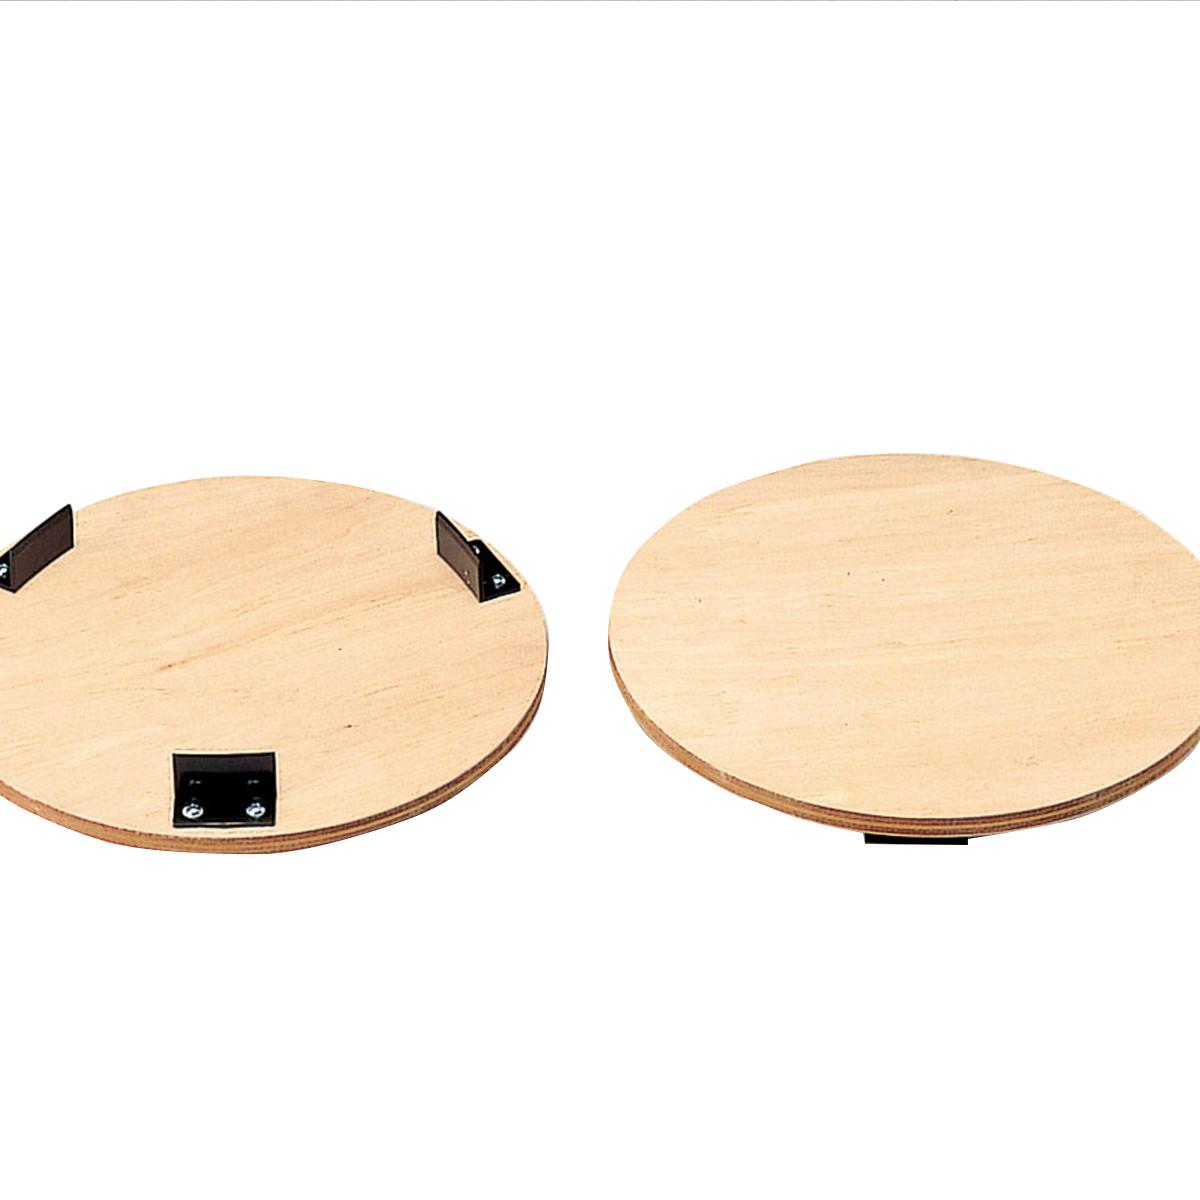 かめ板 300mmφターンテーブル用 360mmφ 10枚組 【 陶芸 ろくろ かめ板 】